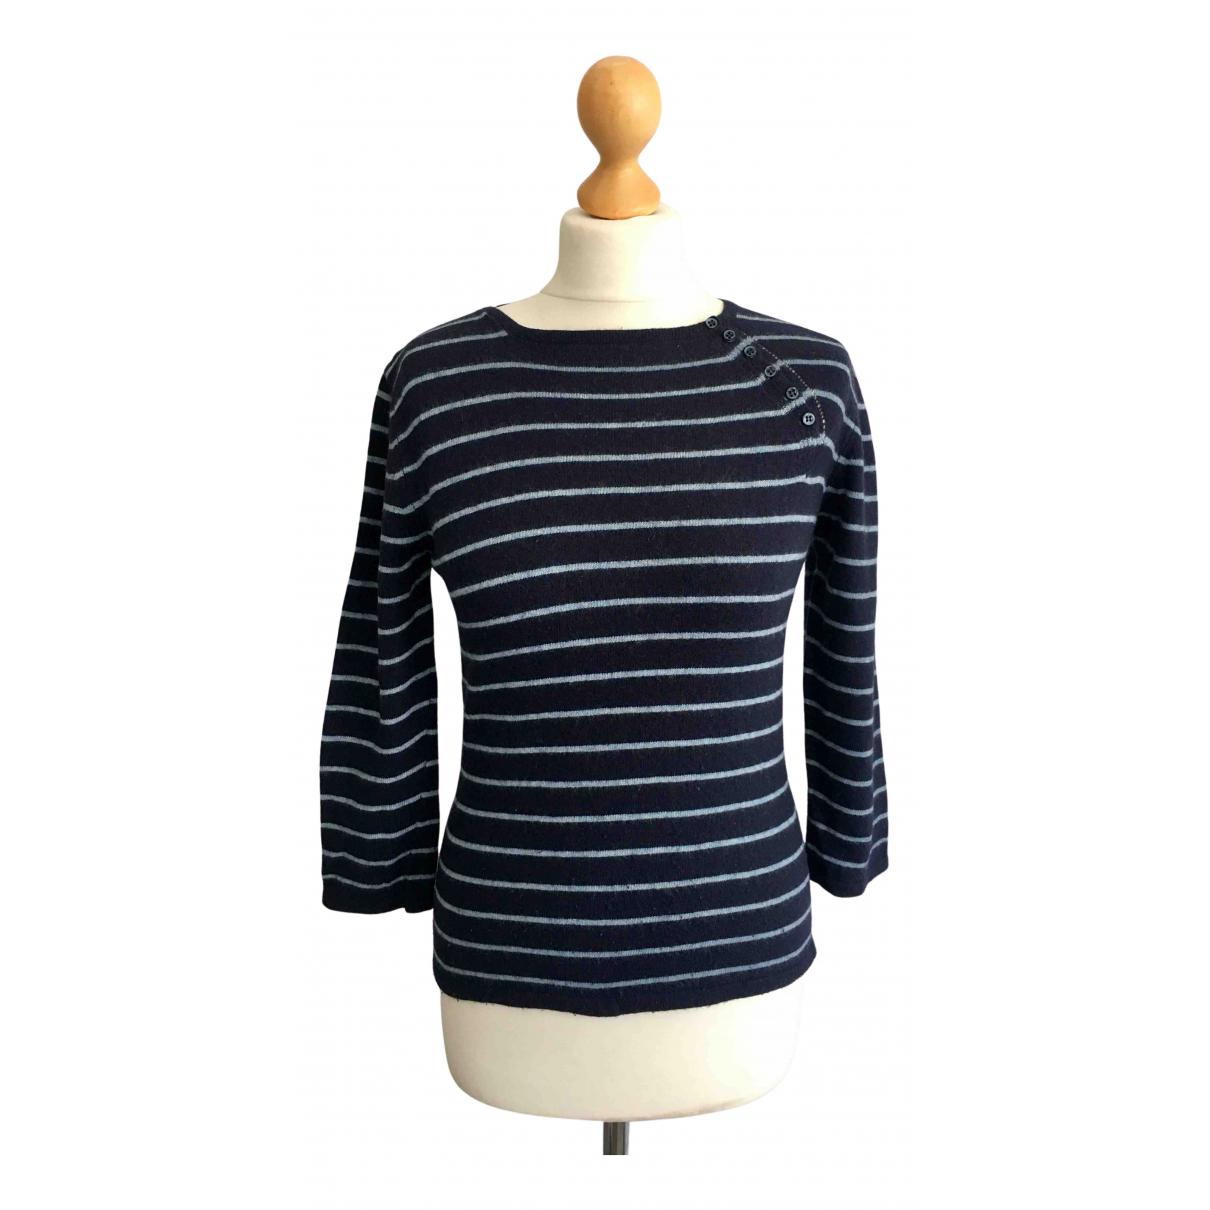 Lk Bennett N Blue Wool Knitwear for Women S International